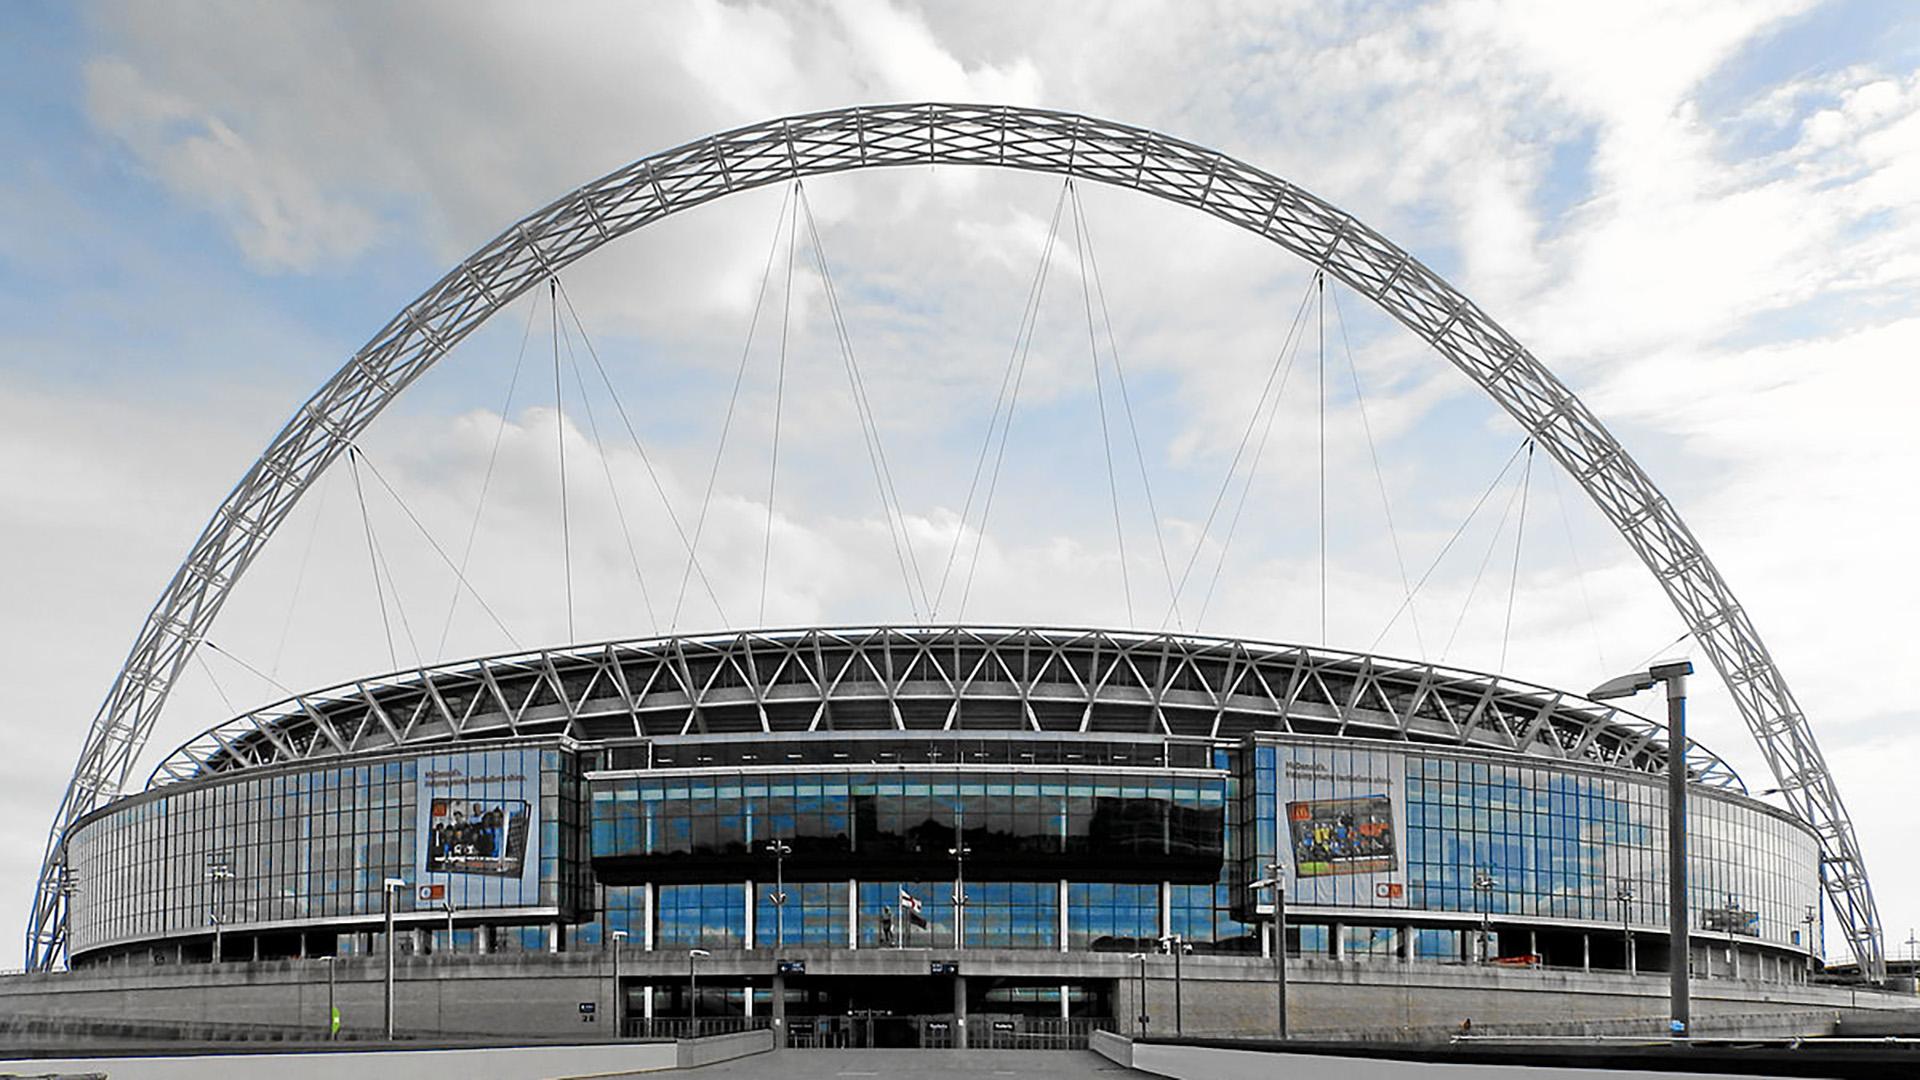 Ofreció 1000 millones de dólares para comprar el estadio de Wembley